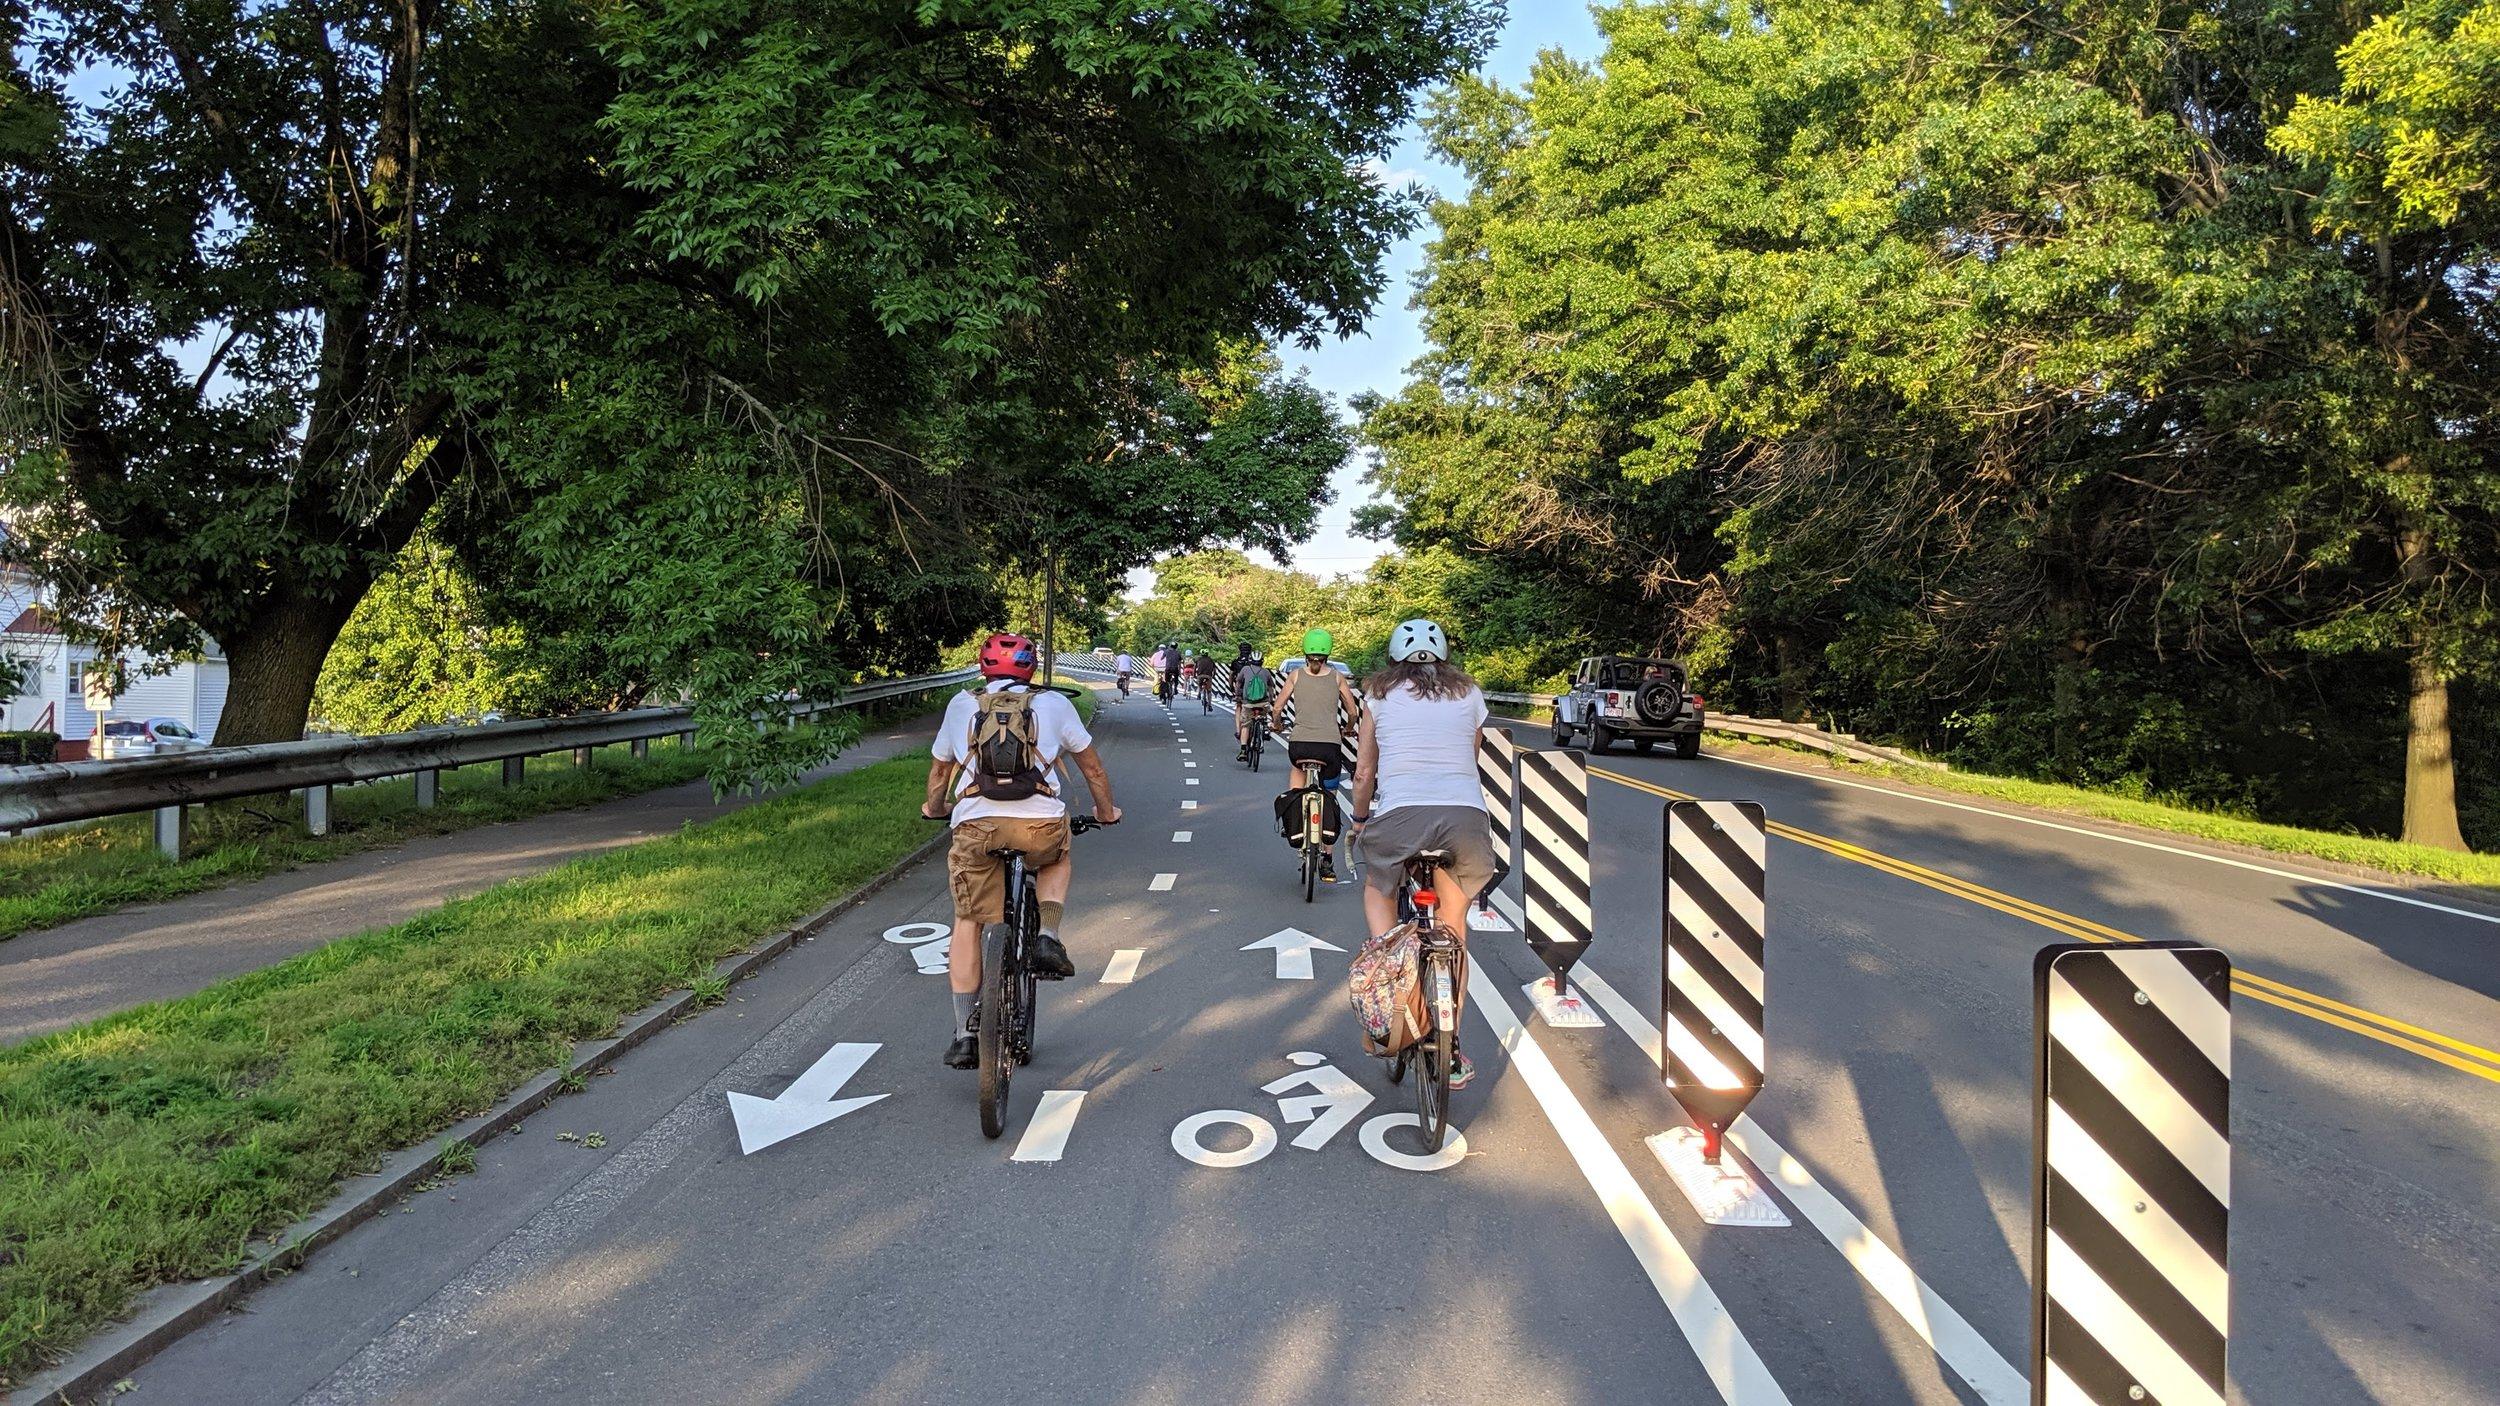 Brand new protected bike lane. - Everett